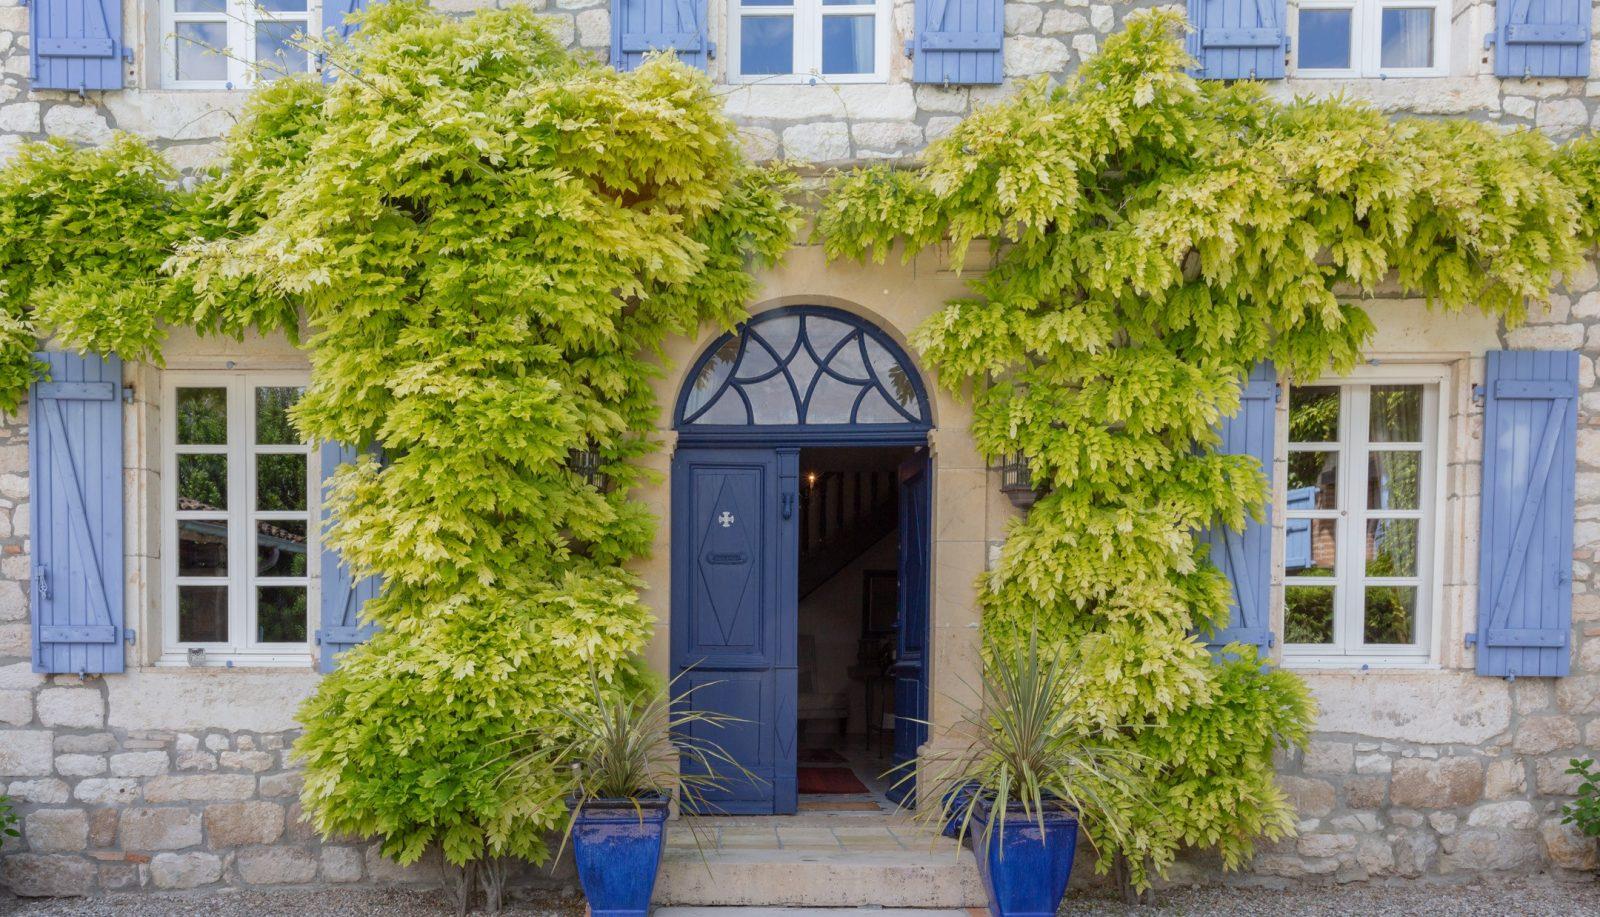 Maison Beaumont chambres d'hôtes et son pigeonnier